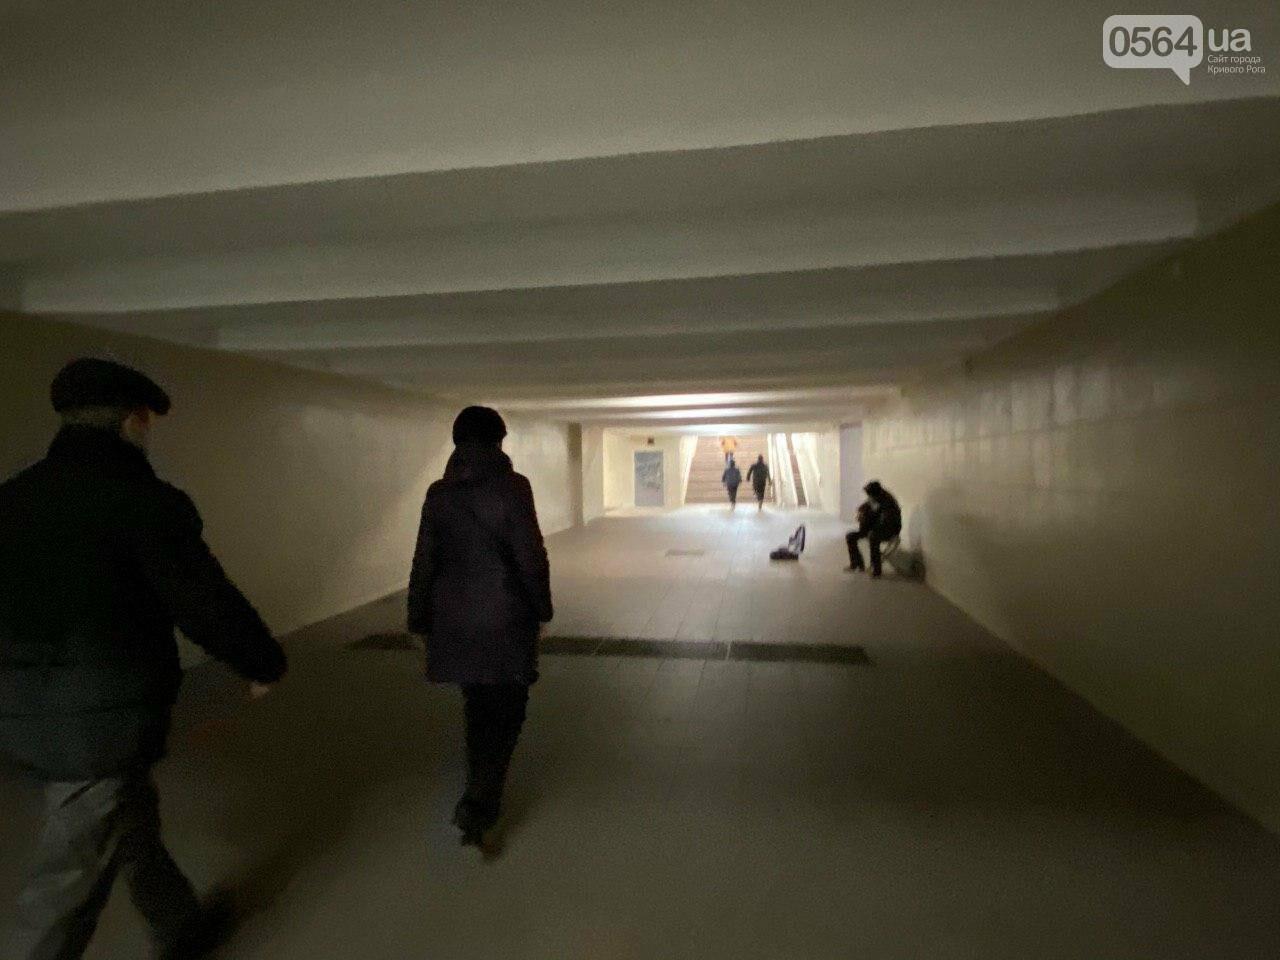 В Кривом Роге отклеилась тактильная плитка в подземном переходе, - ФОТО , фото-8